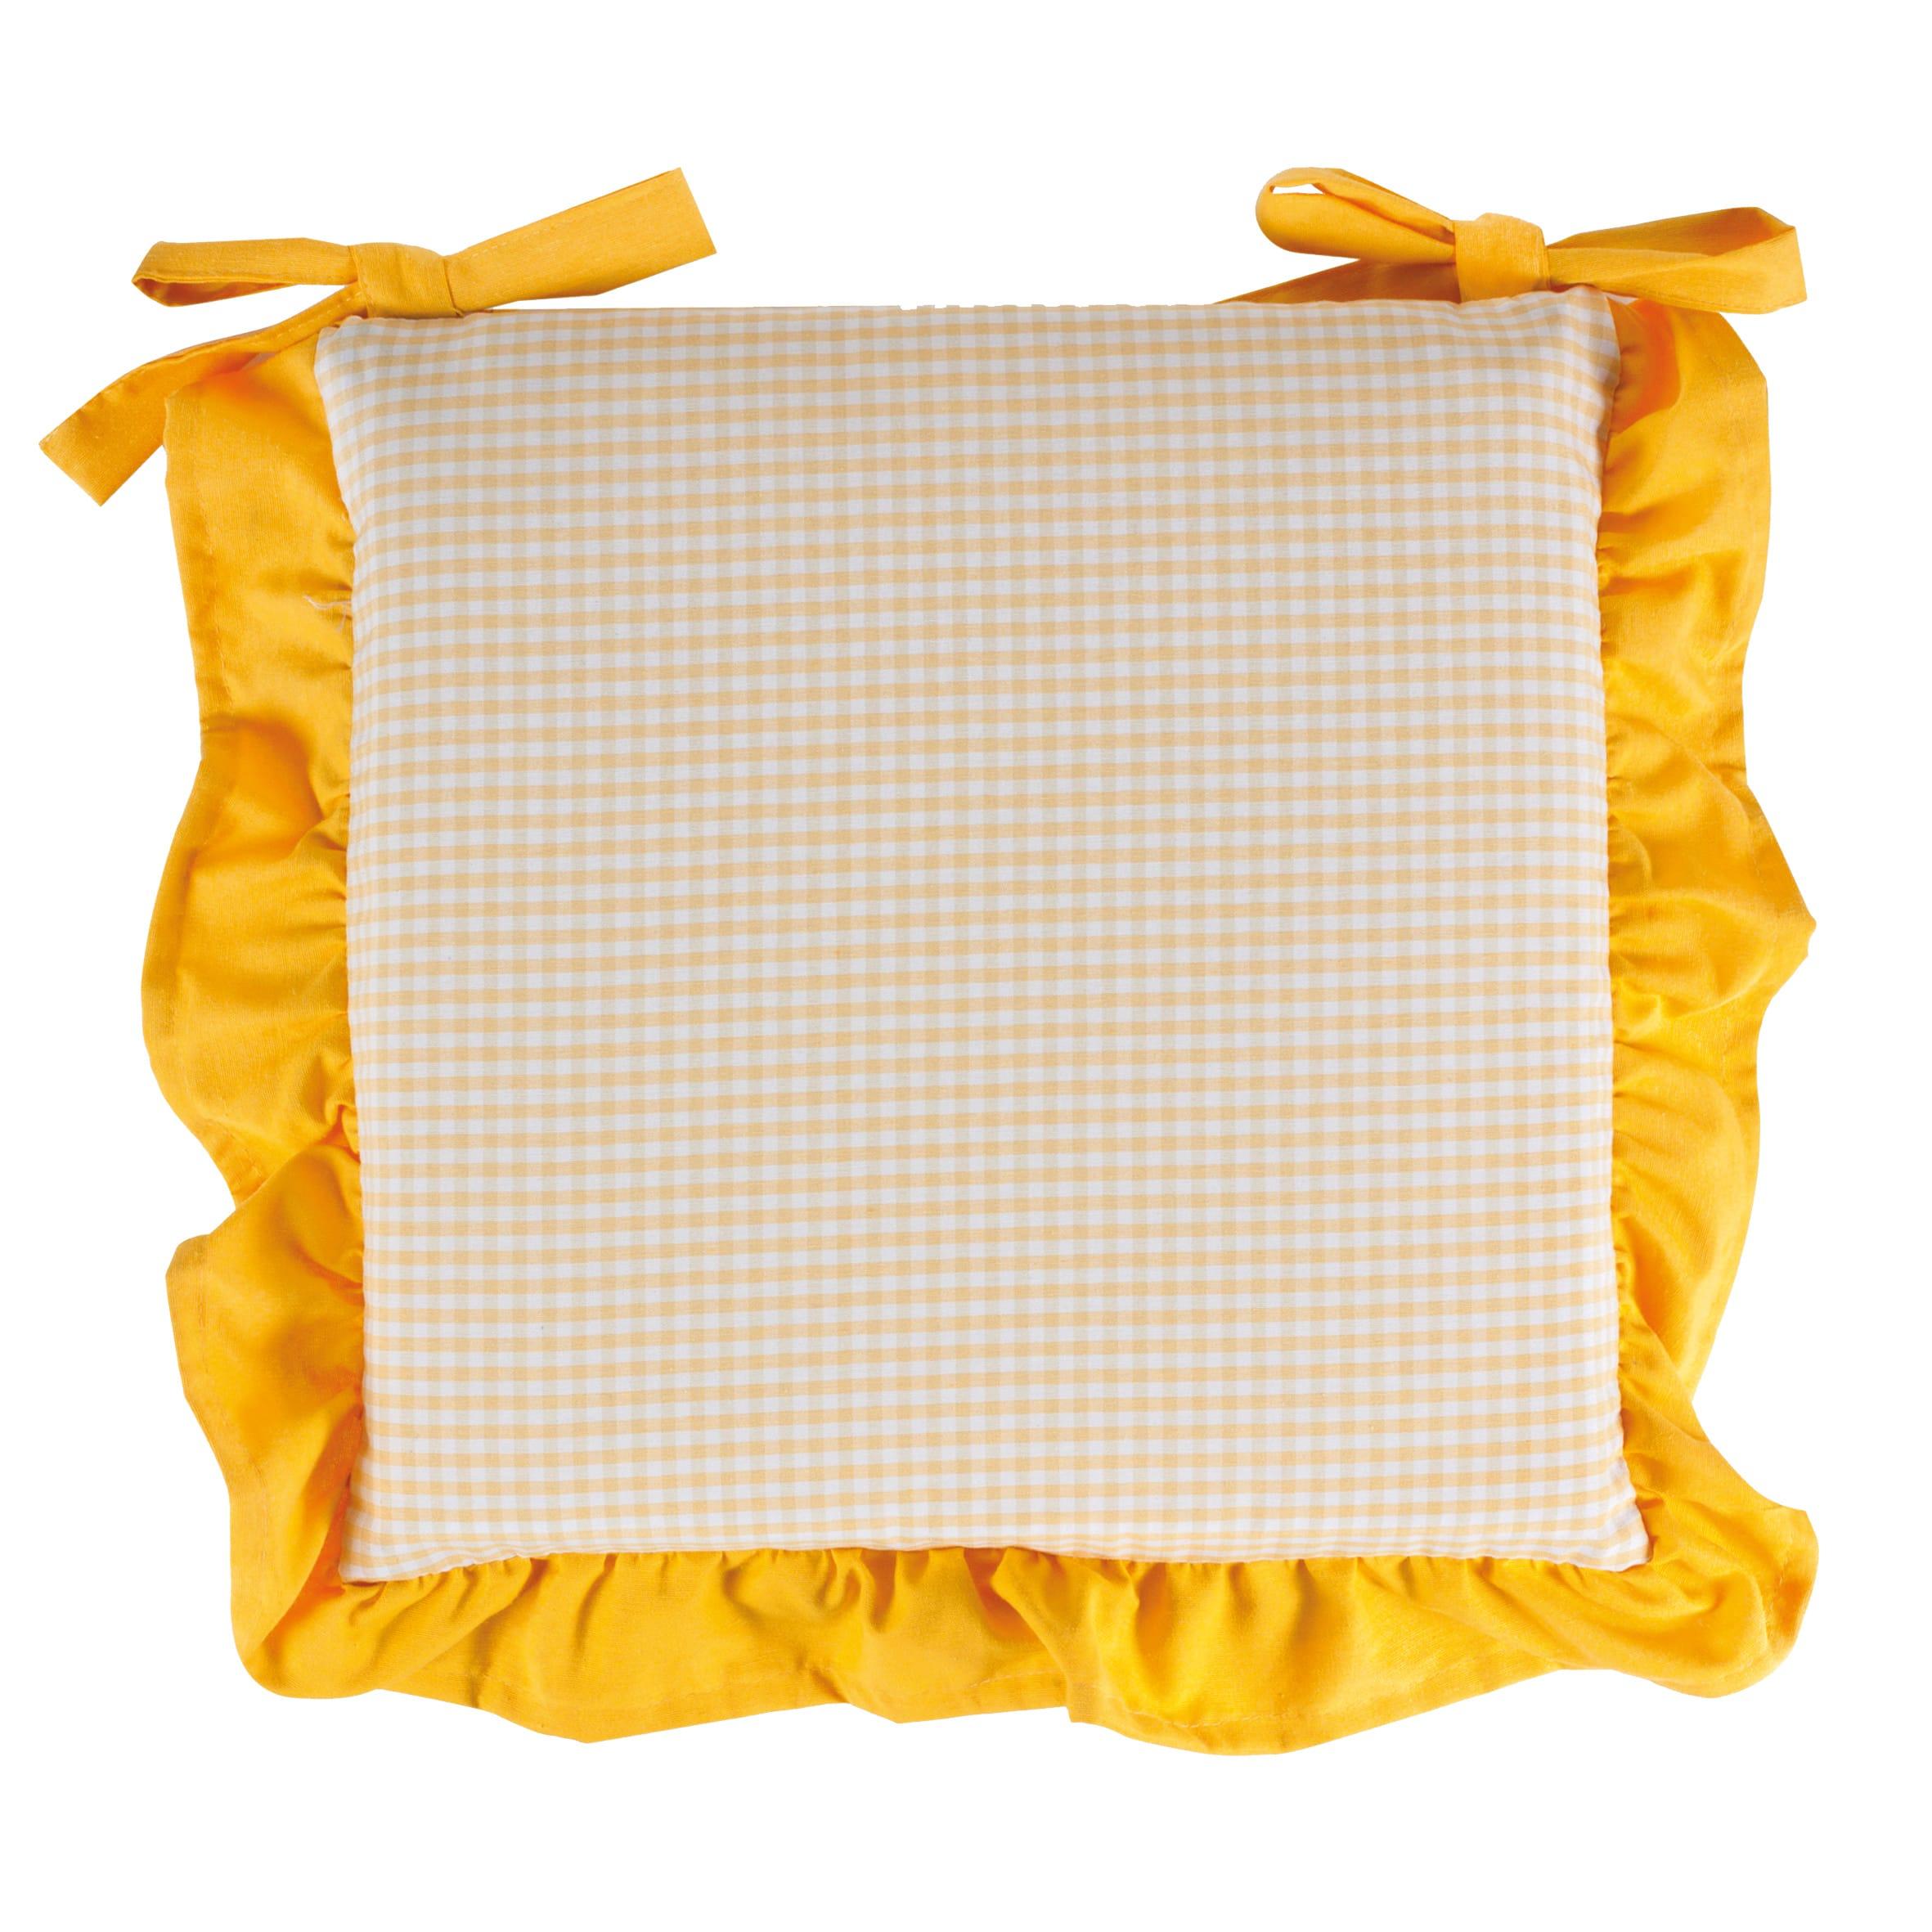 Cuscino per sedia country giallo 40x40 cm